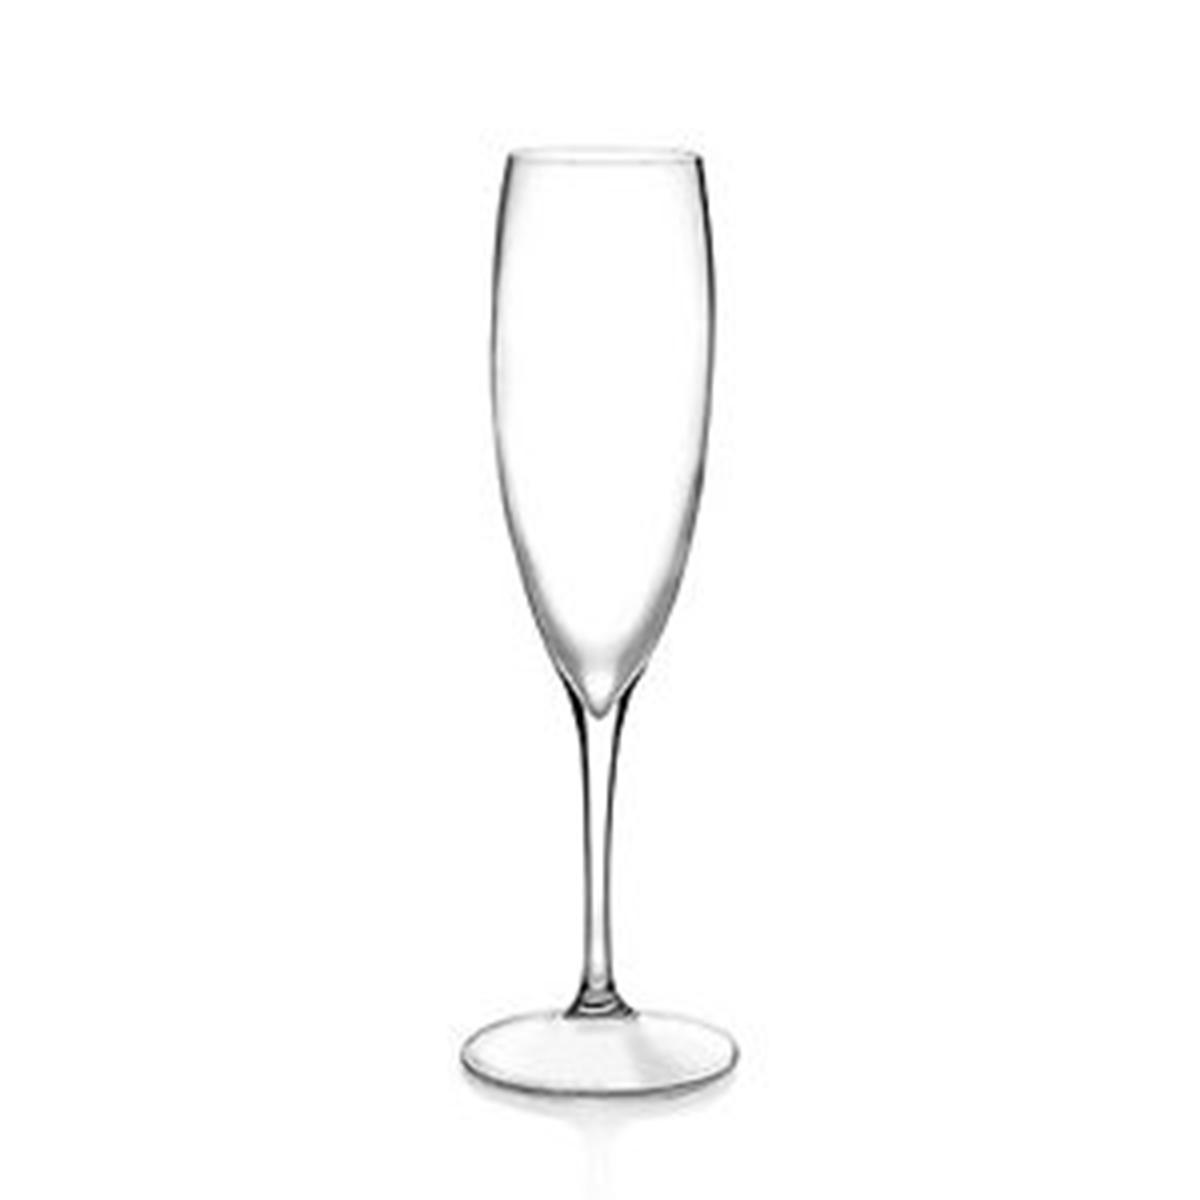 Calici Vino E Acqua set bicchieri calici 6 pezzi rcr cristalleria italiana vetro cristallo  flute vino acqua giosal